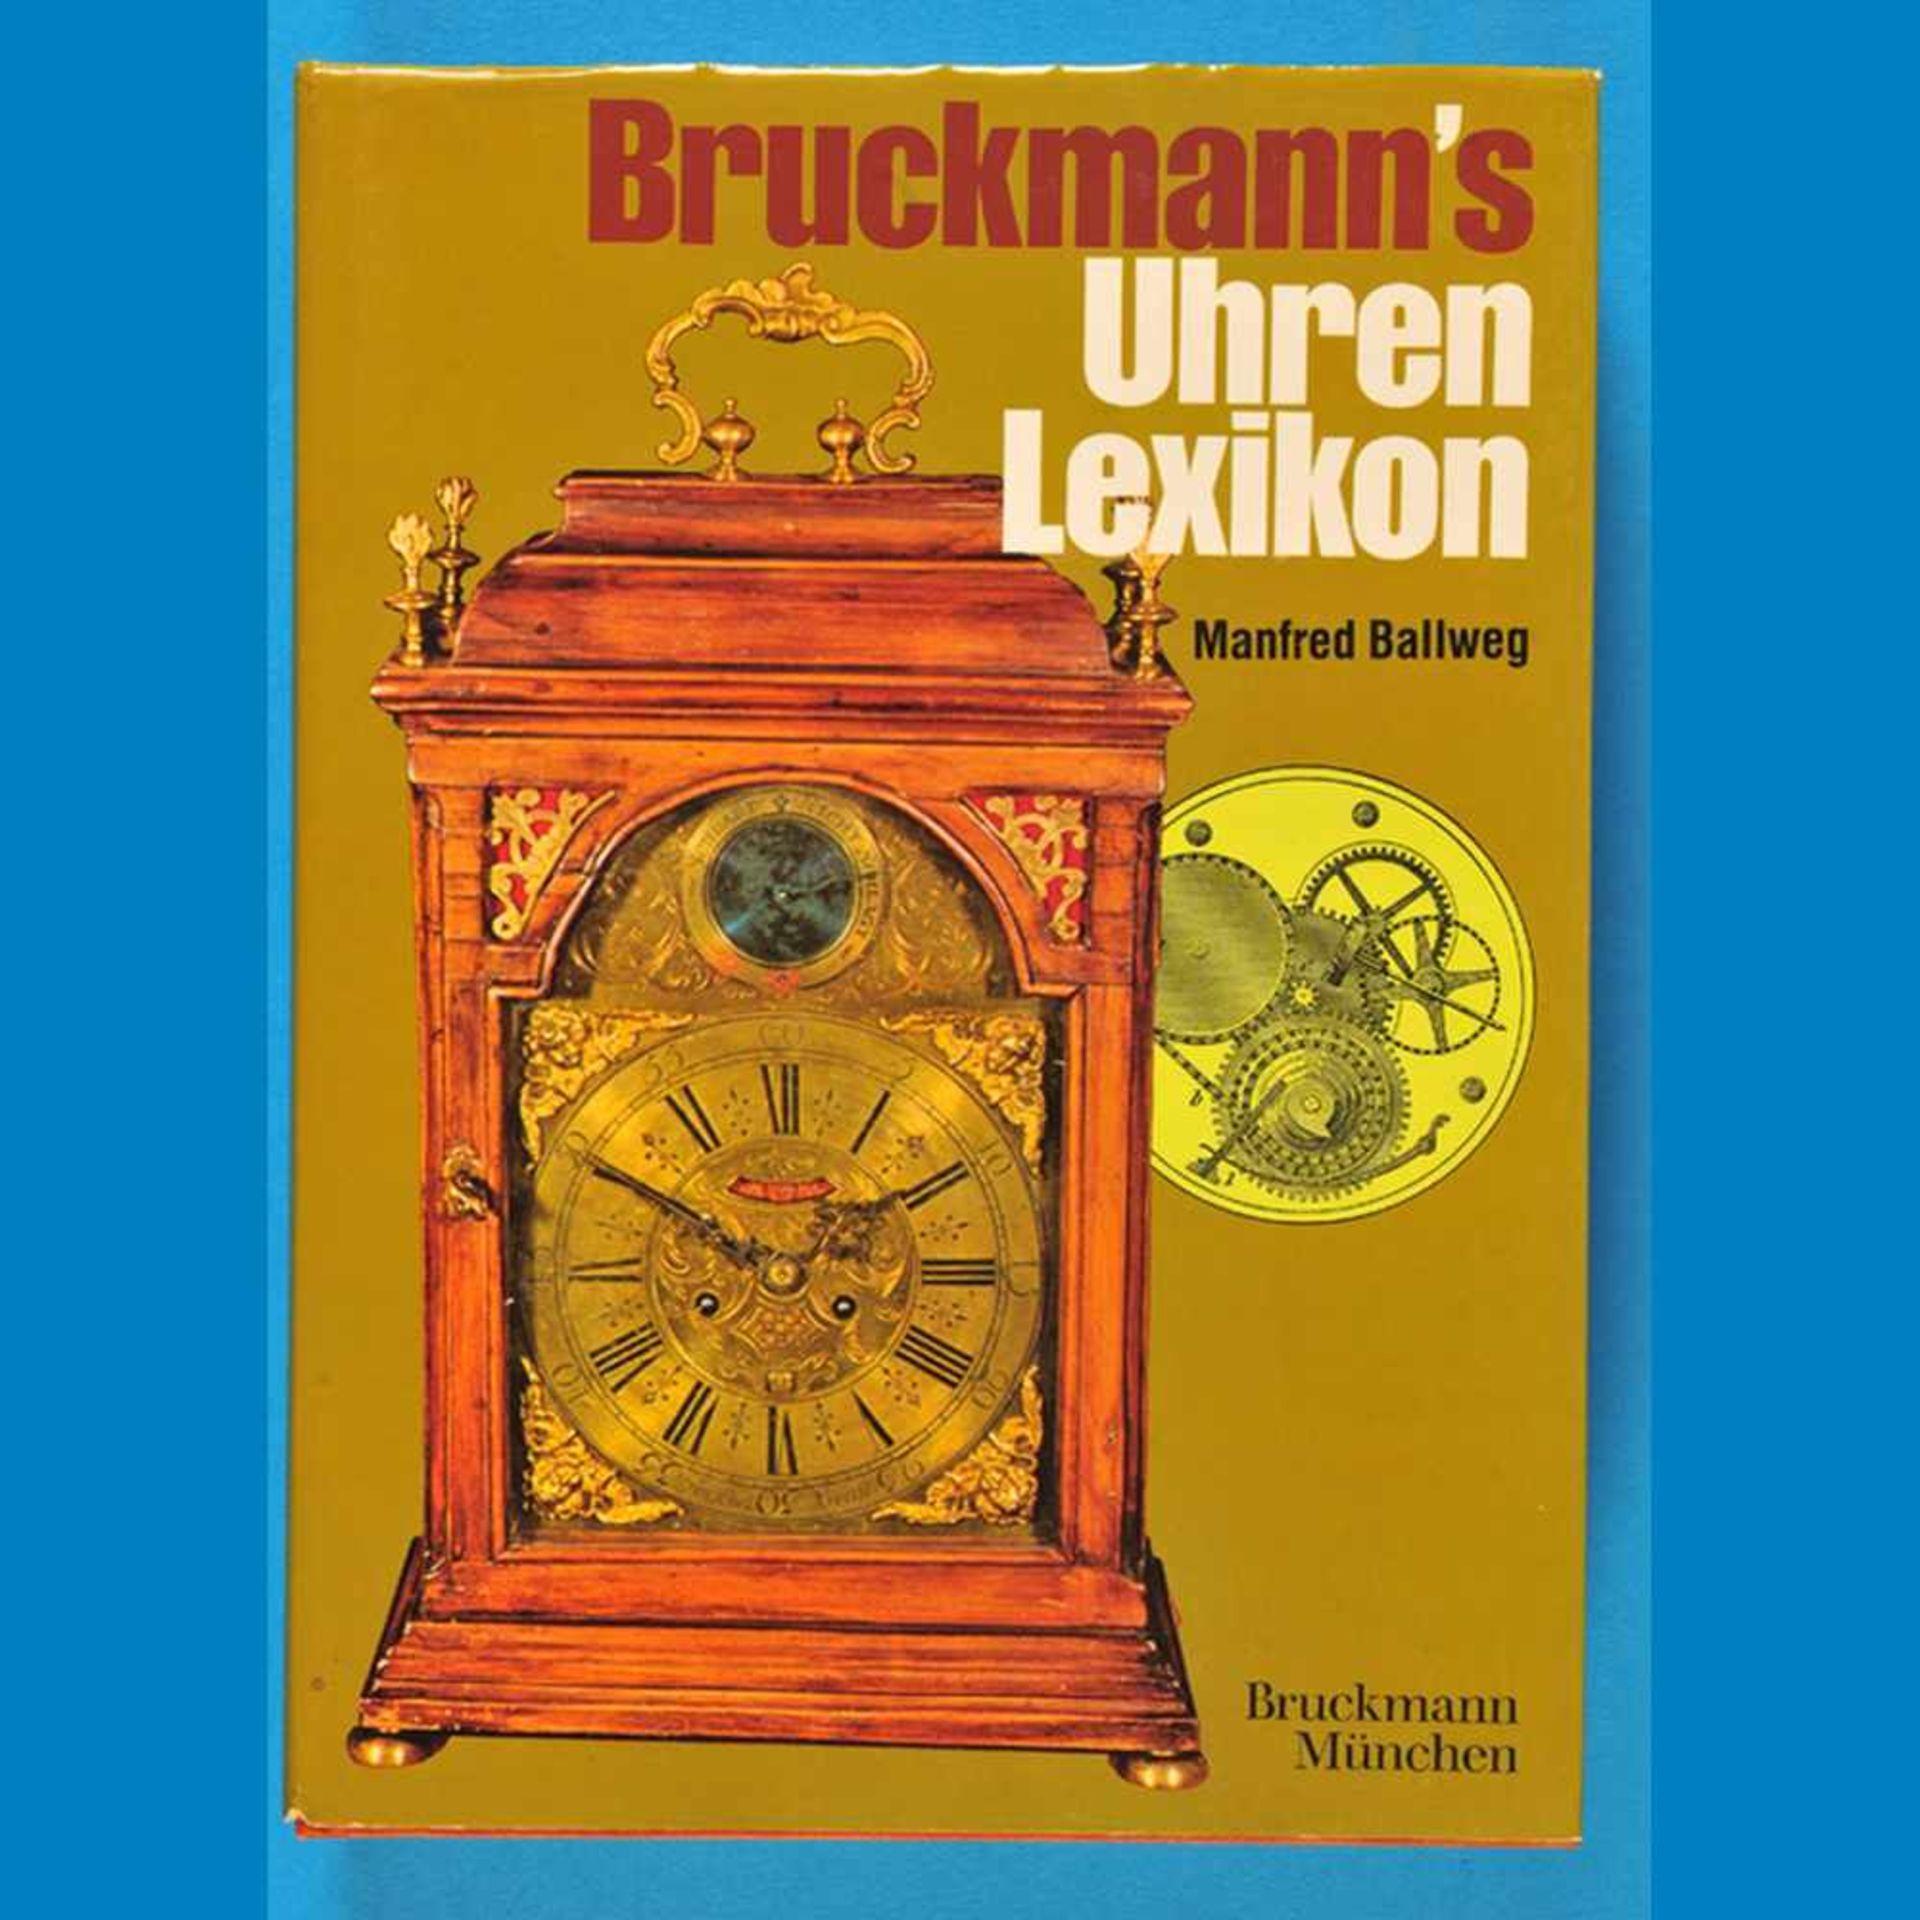 M.Ballweg, Bruckmann's Uhren-Lexikon, 2., neu bearbeitete und erweiterte Auflage 1980M.Ball